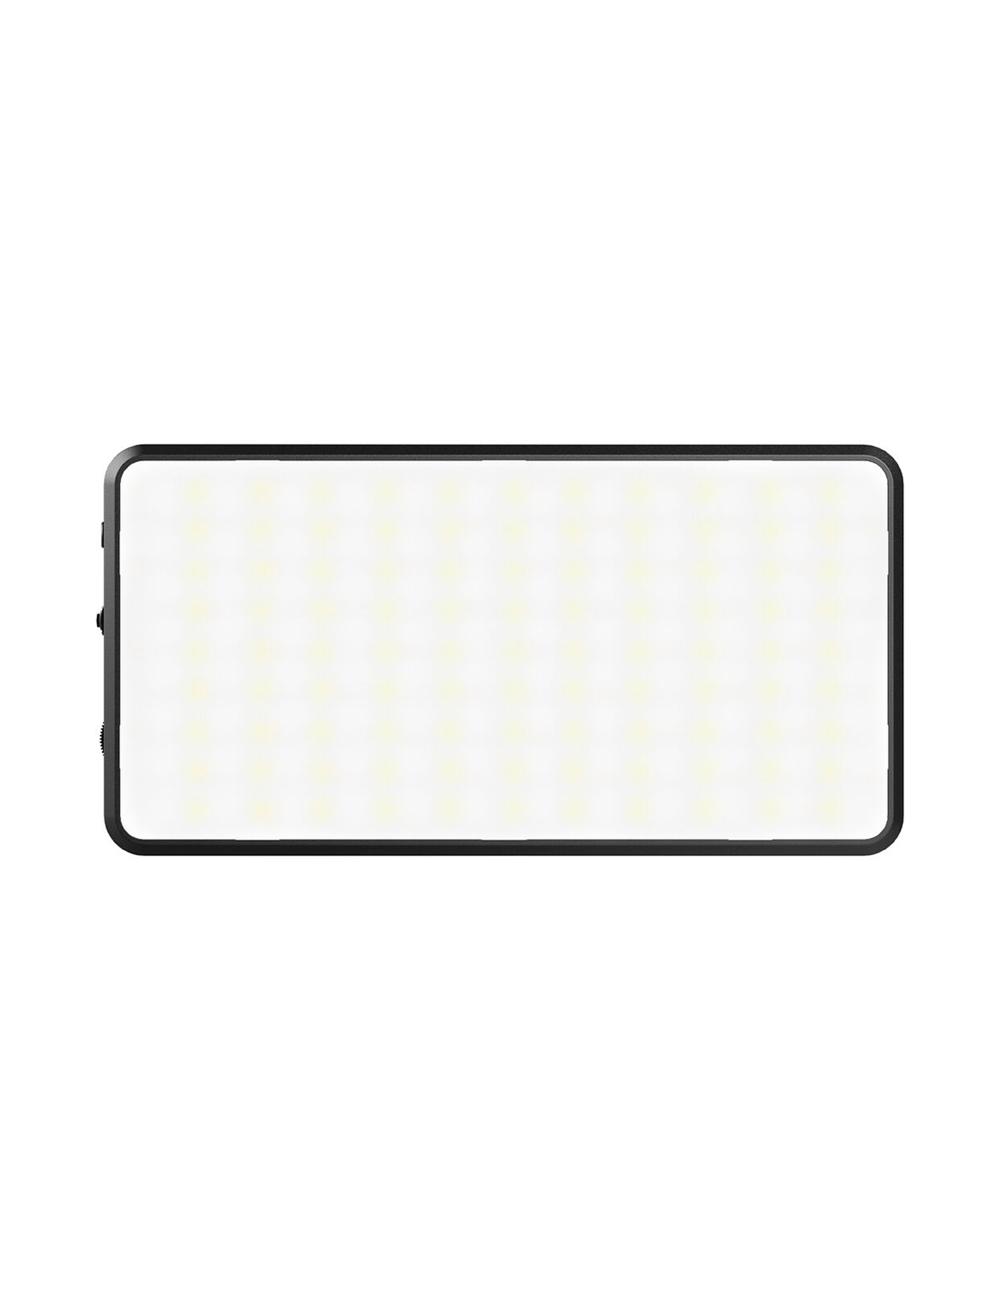 Bescor - Set Iluminación estudio FP-900K Incluye 2 paneles Bi-Color con aletas y trípodes